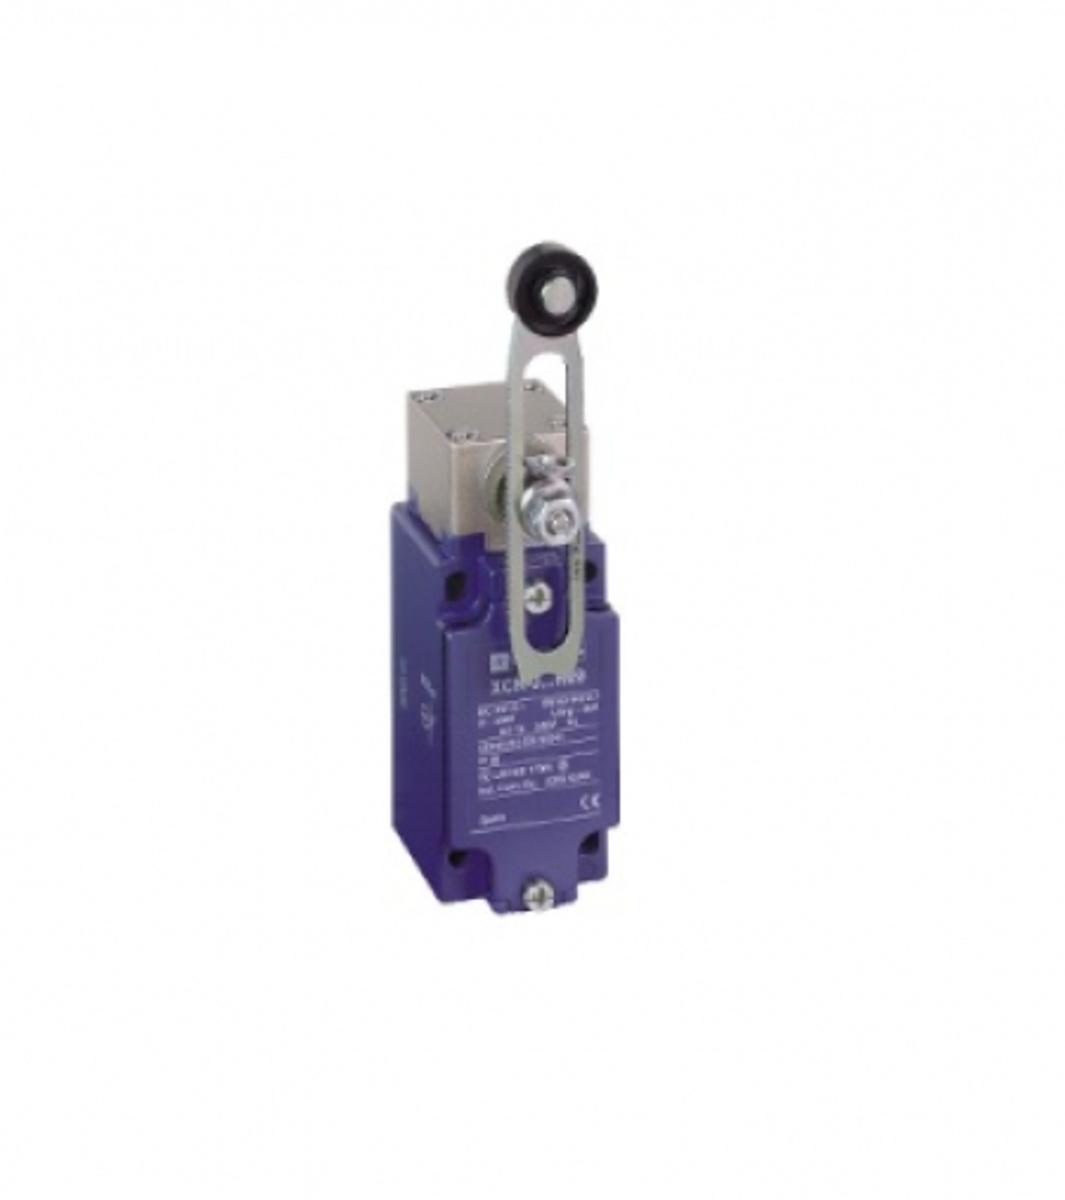 Eletriza - Eletriza Materiais Elétricos, Hidráulicos e Automação Industrial - FIM DE CURSO METALICO XCKJ10541 XCKJ10541 TELEMECANIQUE